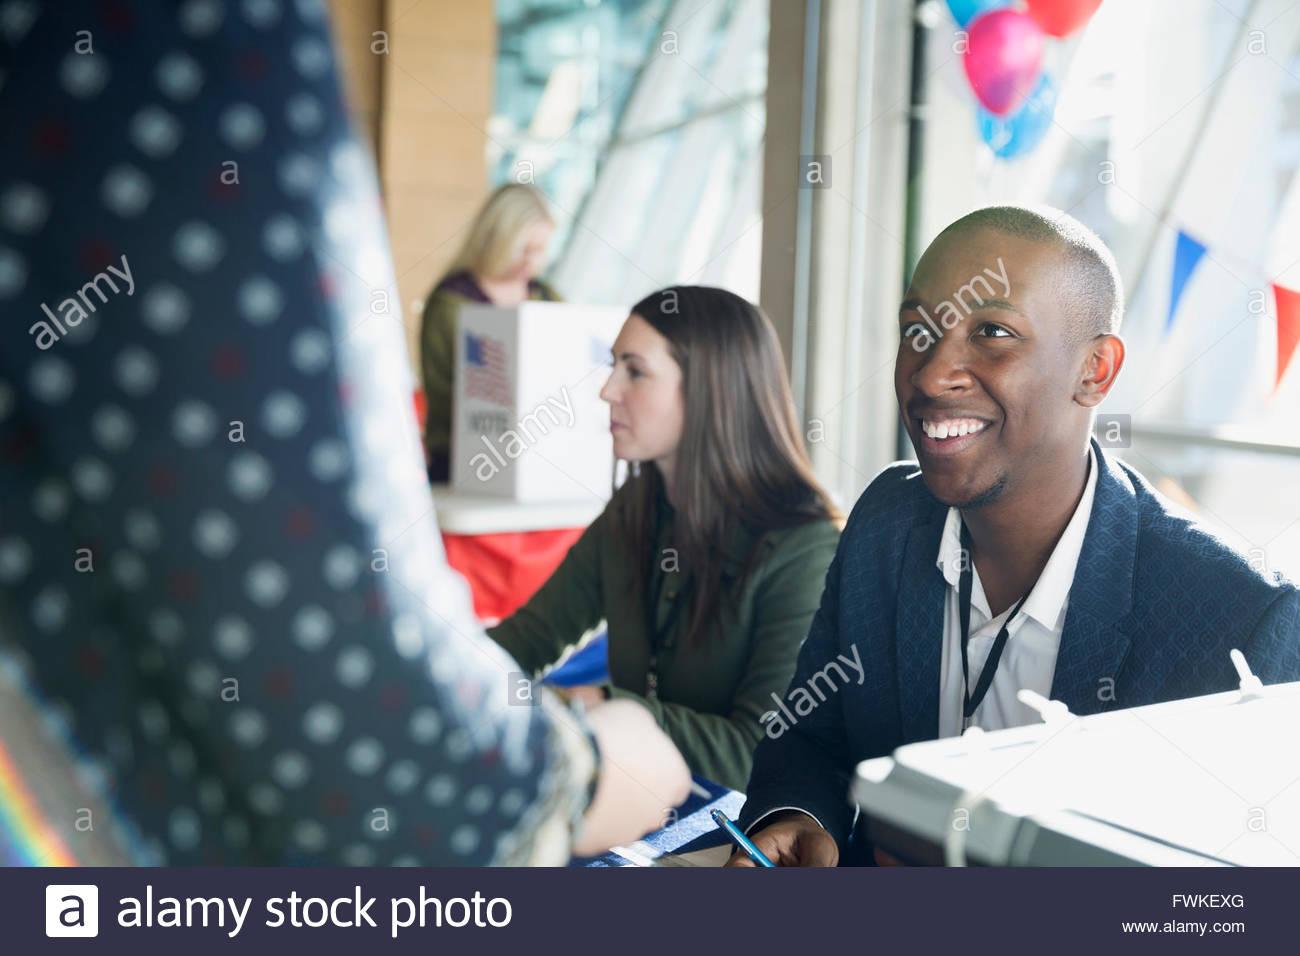 Control voluntario sonriente elector en polling place Imagen De Stock